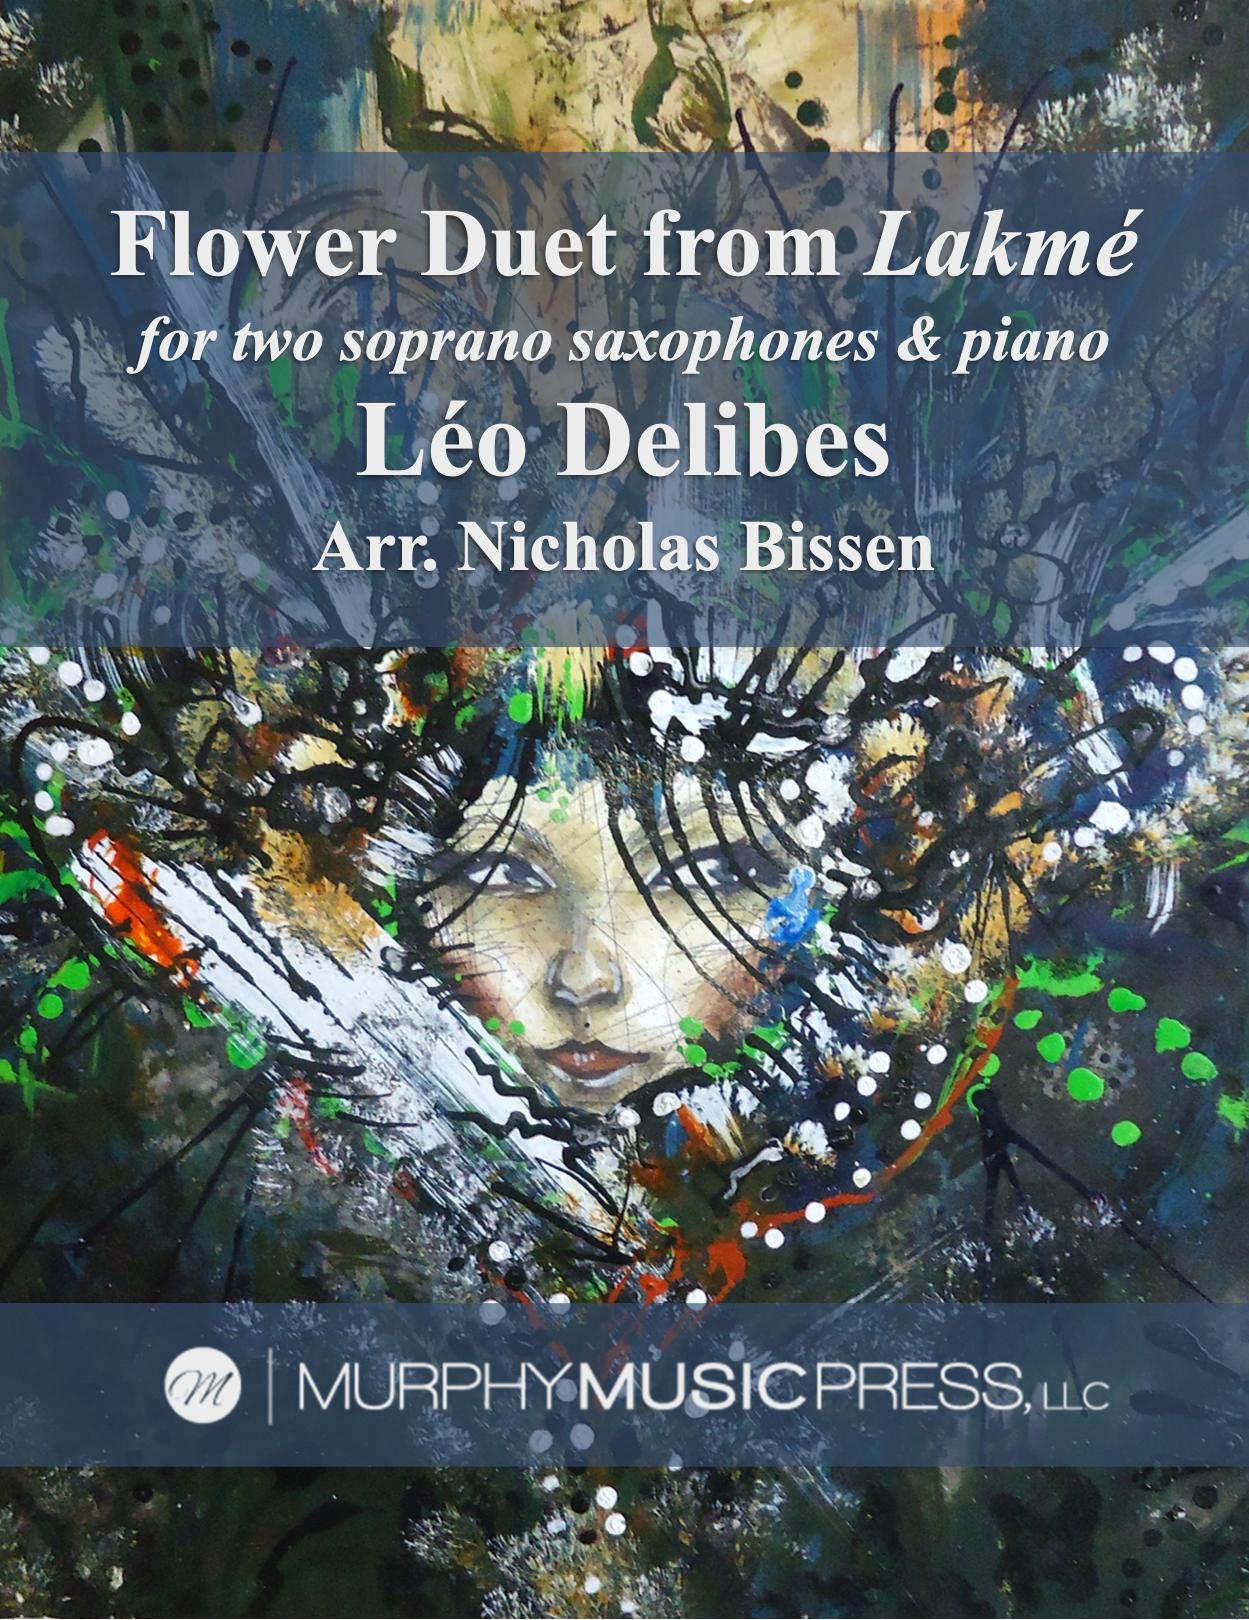 The Flower Duet by arr. Nicholas Bissen